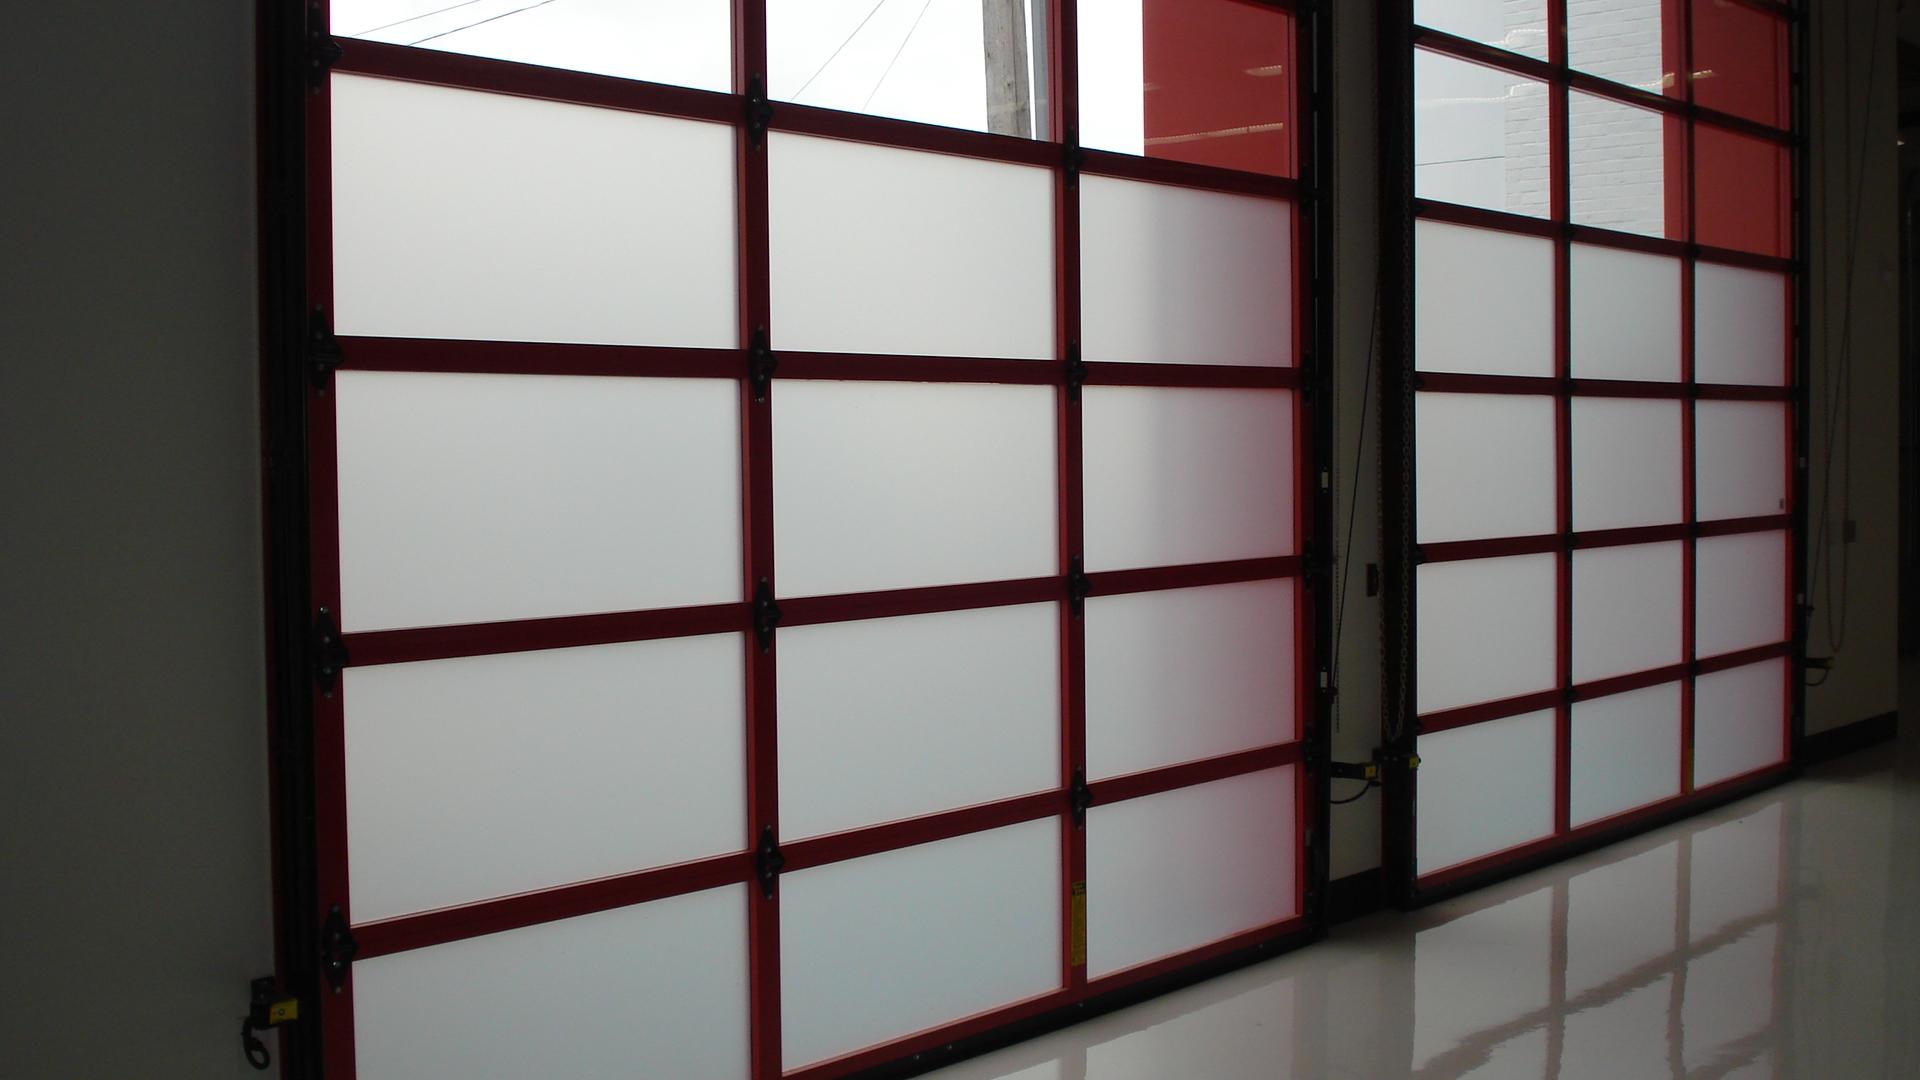 Matinė plėvelė stiklų tonavimui